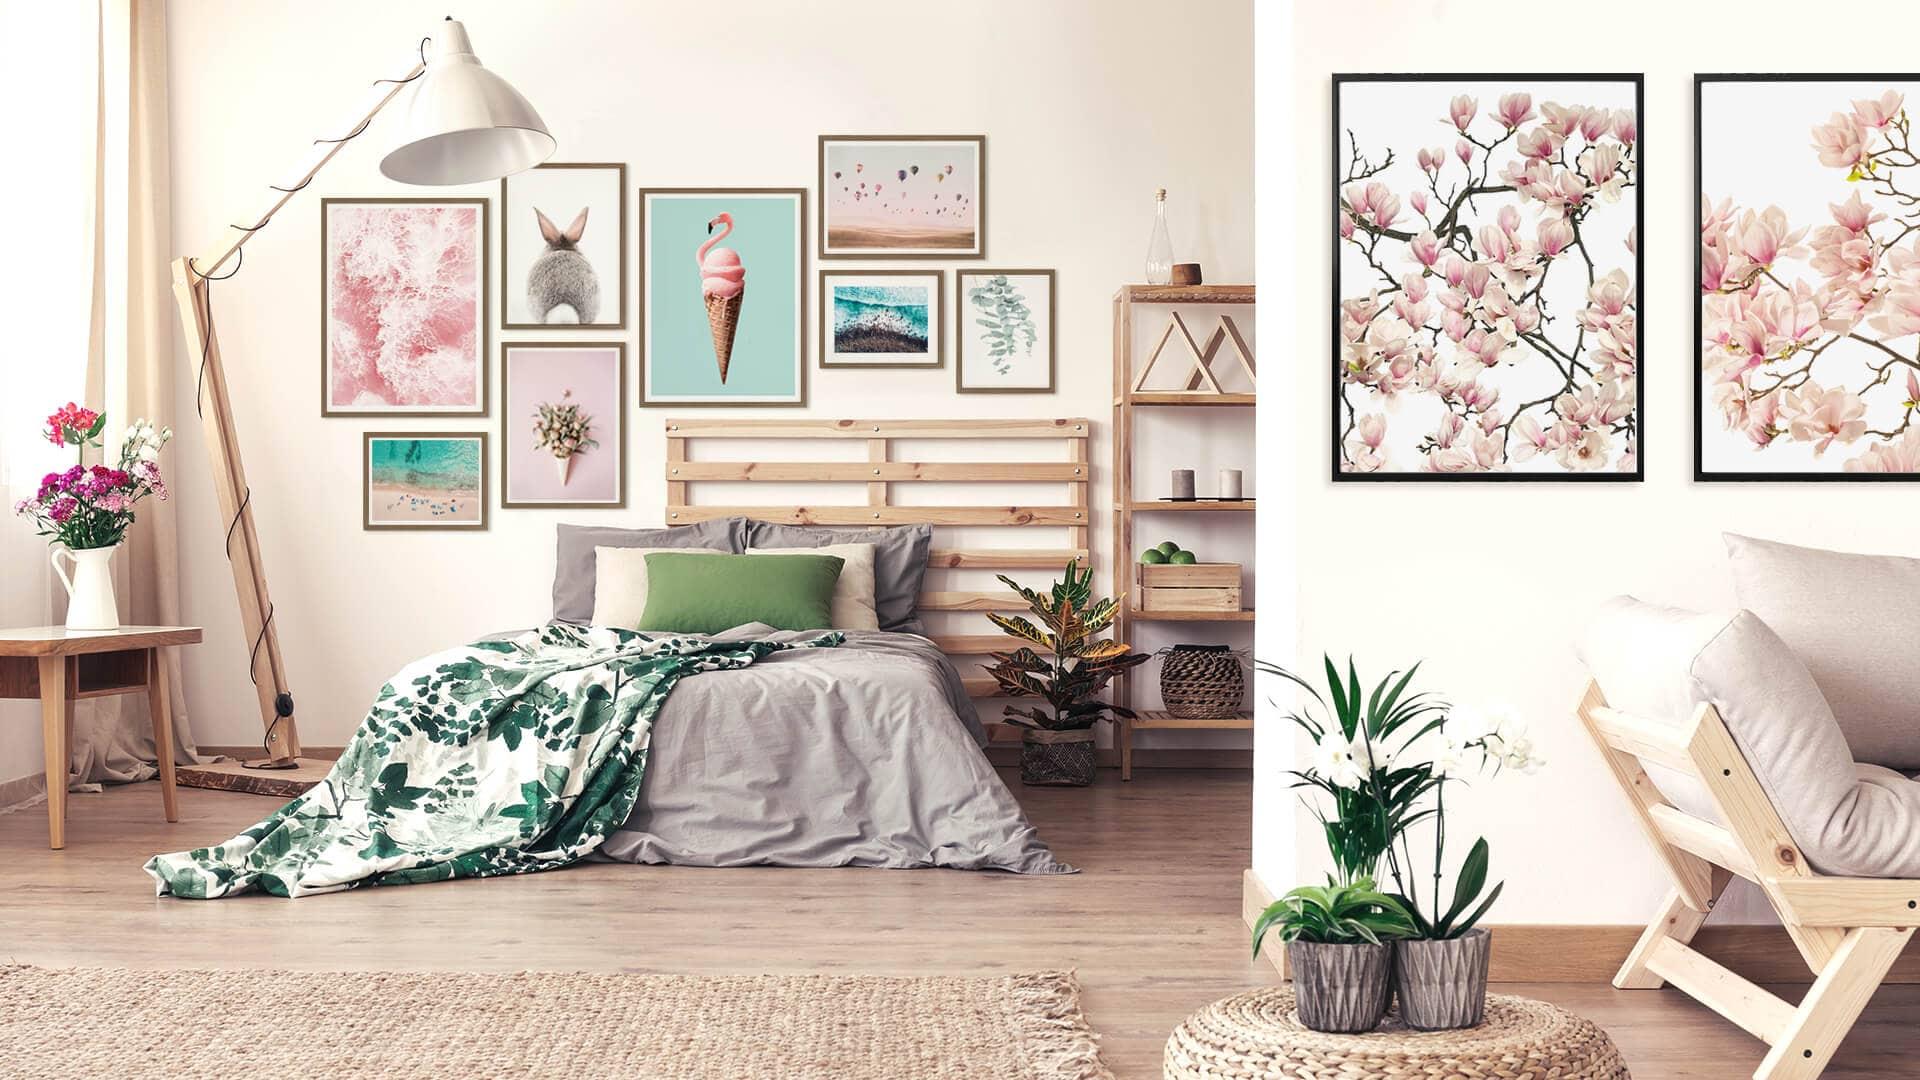 Ihr Wanddeko Und Deko Shop Wall Artde